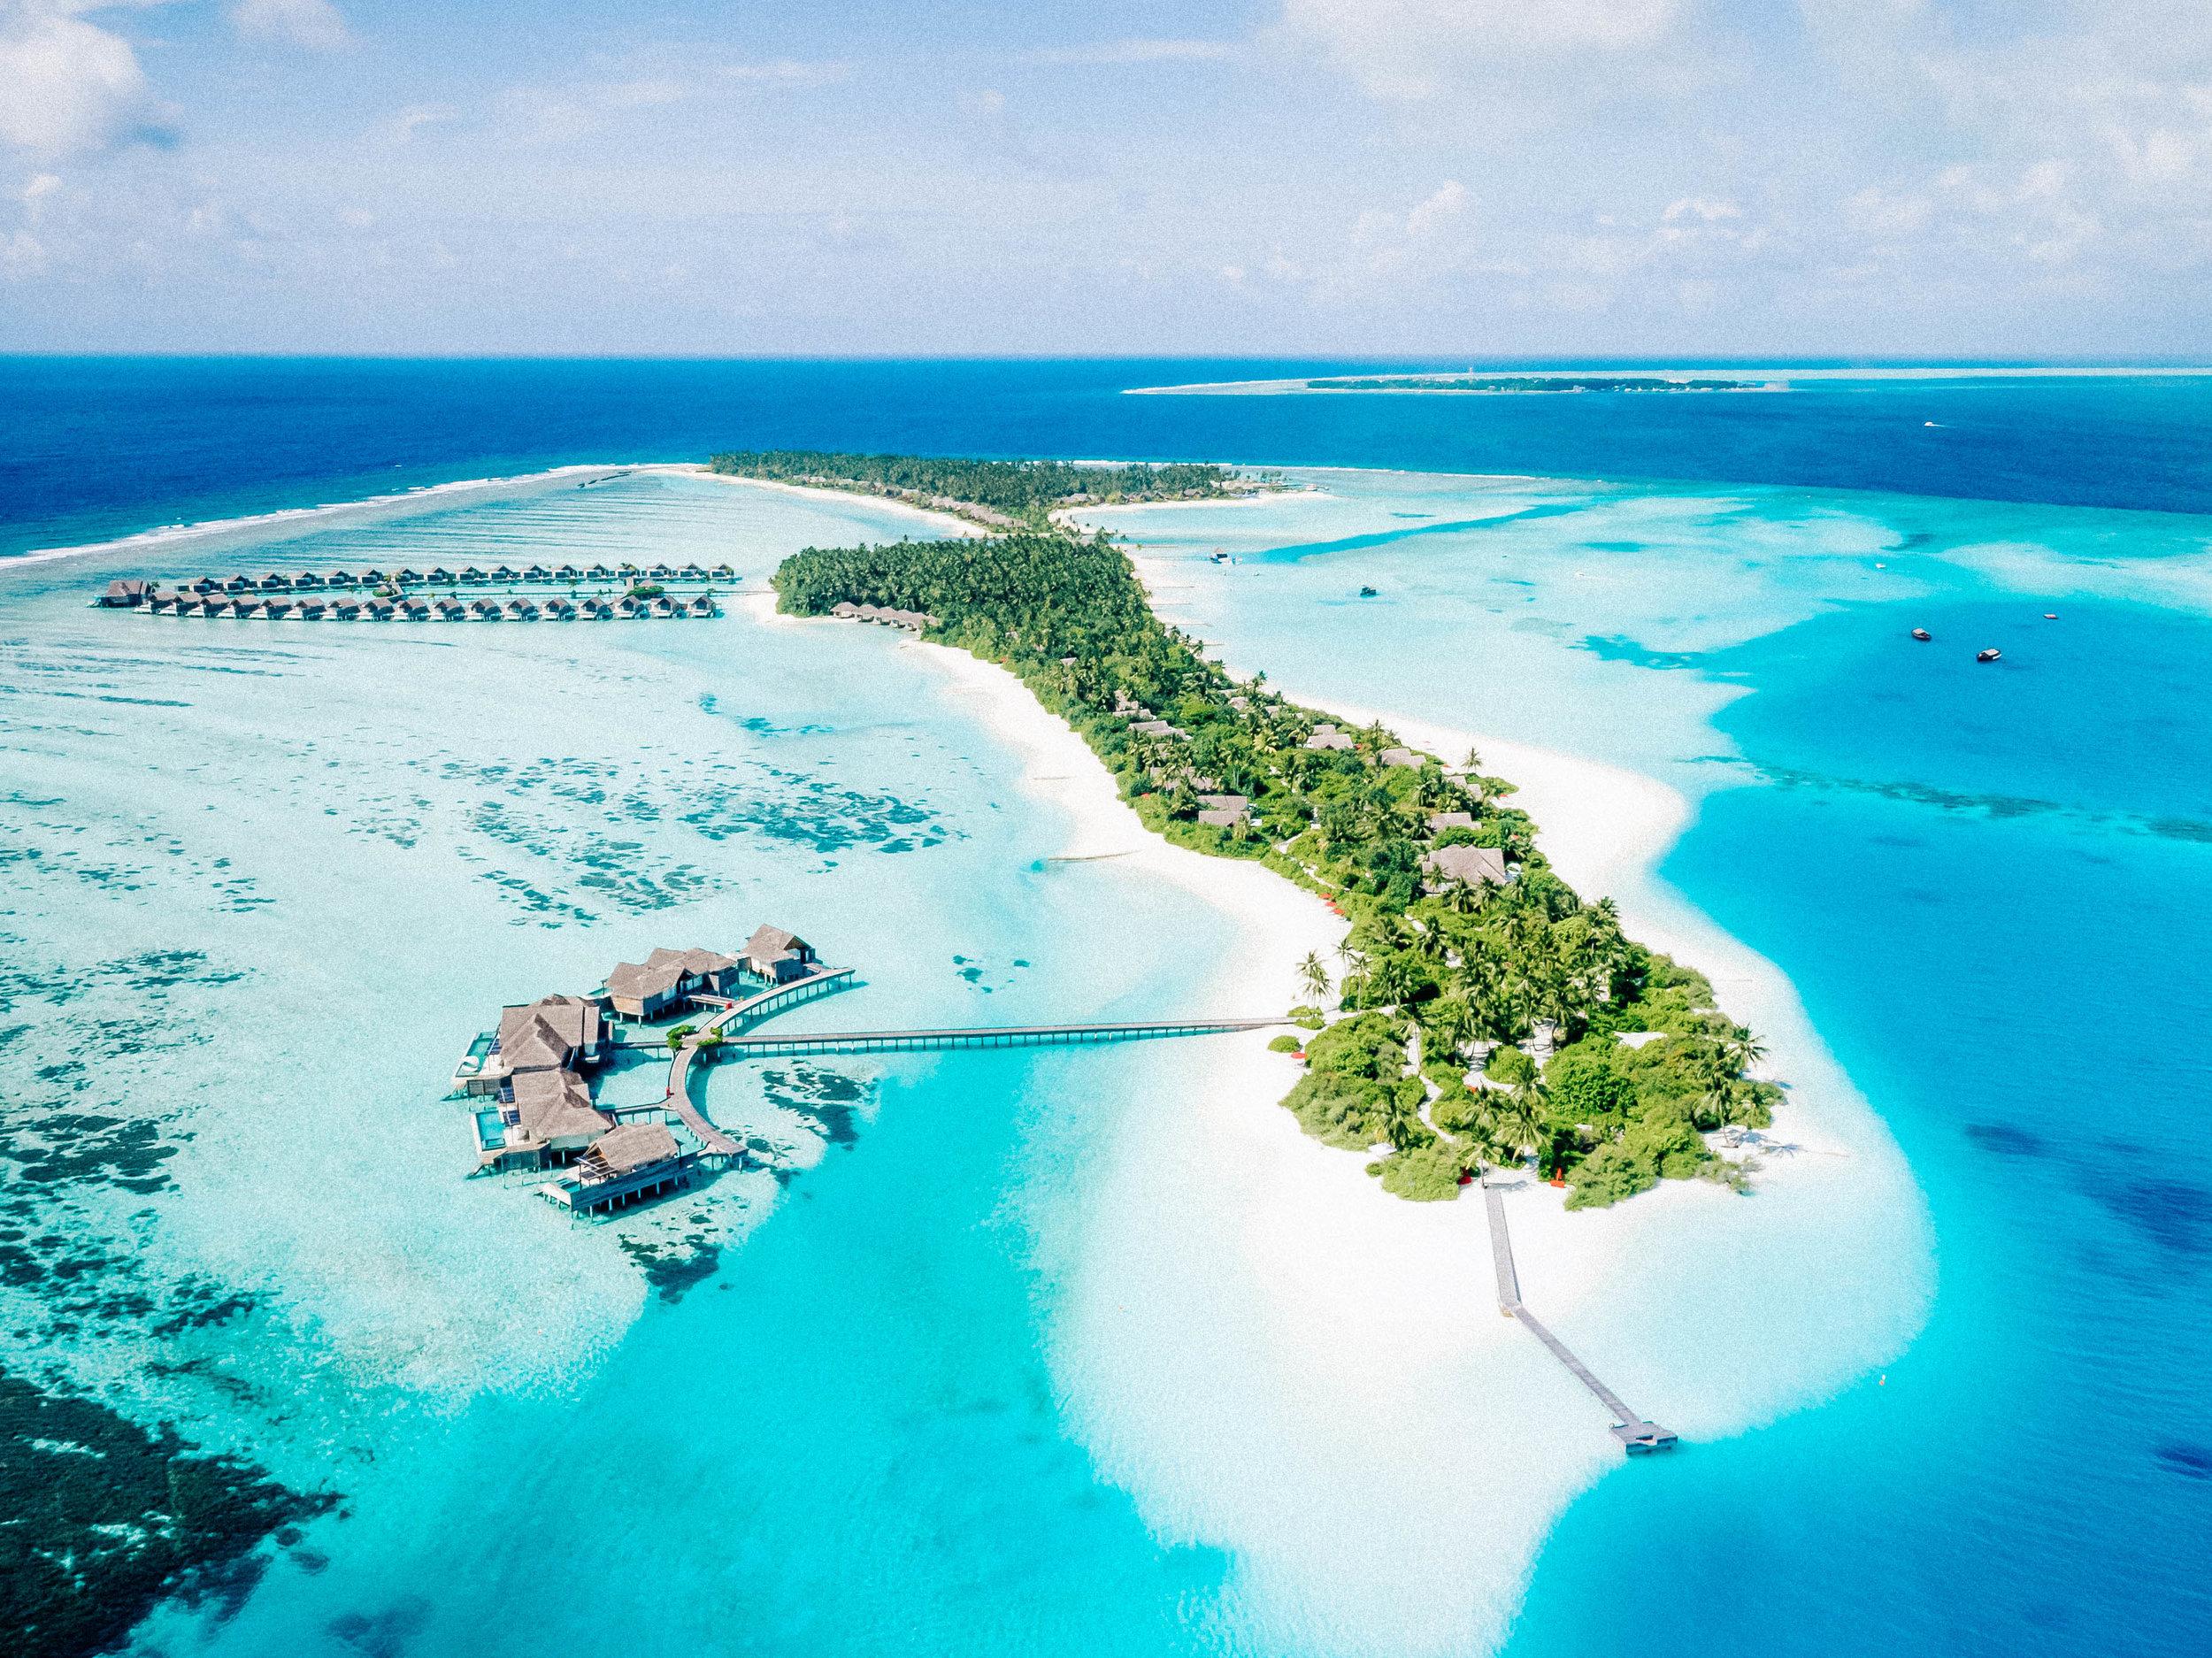 Hi_PNIY_72303959_PNIY_Aerial_Two_Islands_02_G_A_L-2.jpg